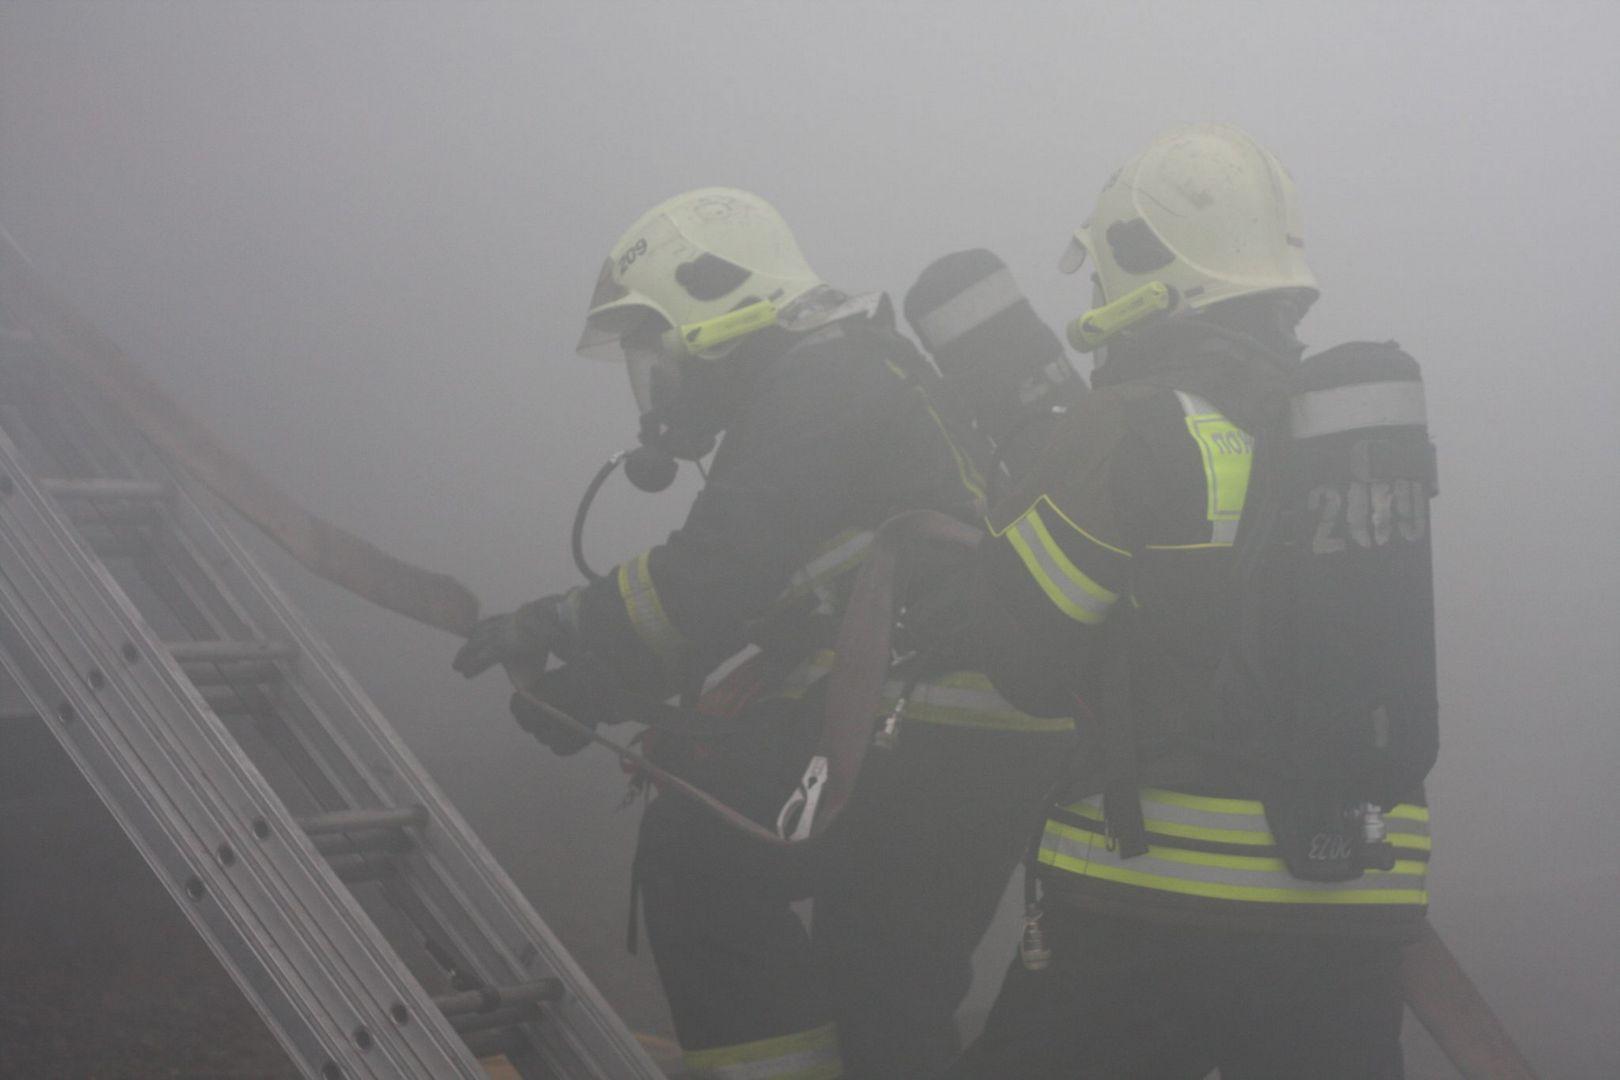 спасатели, пожарные, учения, ДТП, вагоны